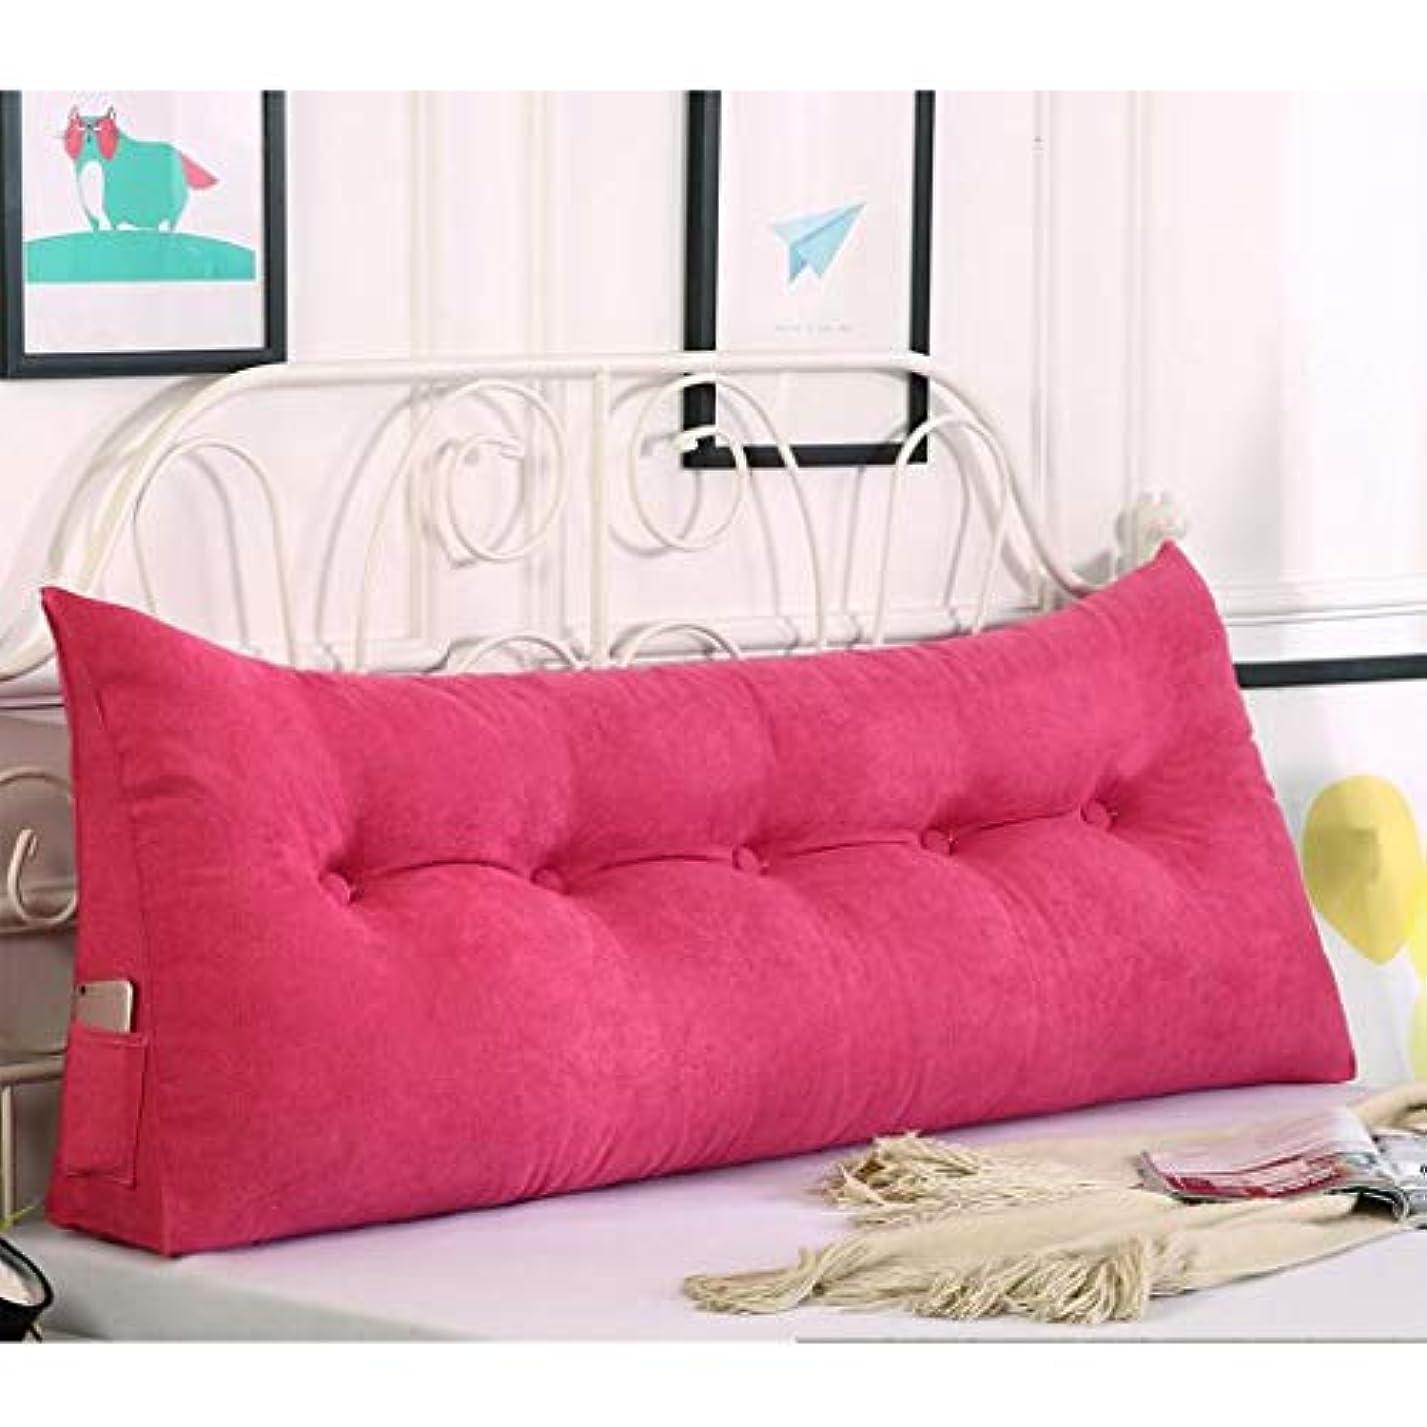 車調和海嶺ベッドサイドクッショントライアングルダブルソファビッグバックベッドソフトパックベッド枕リムーバブルベッドシンプル Hyococ (Color : C, Size : 120*50cm)